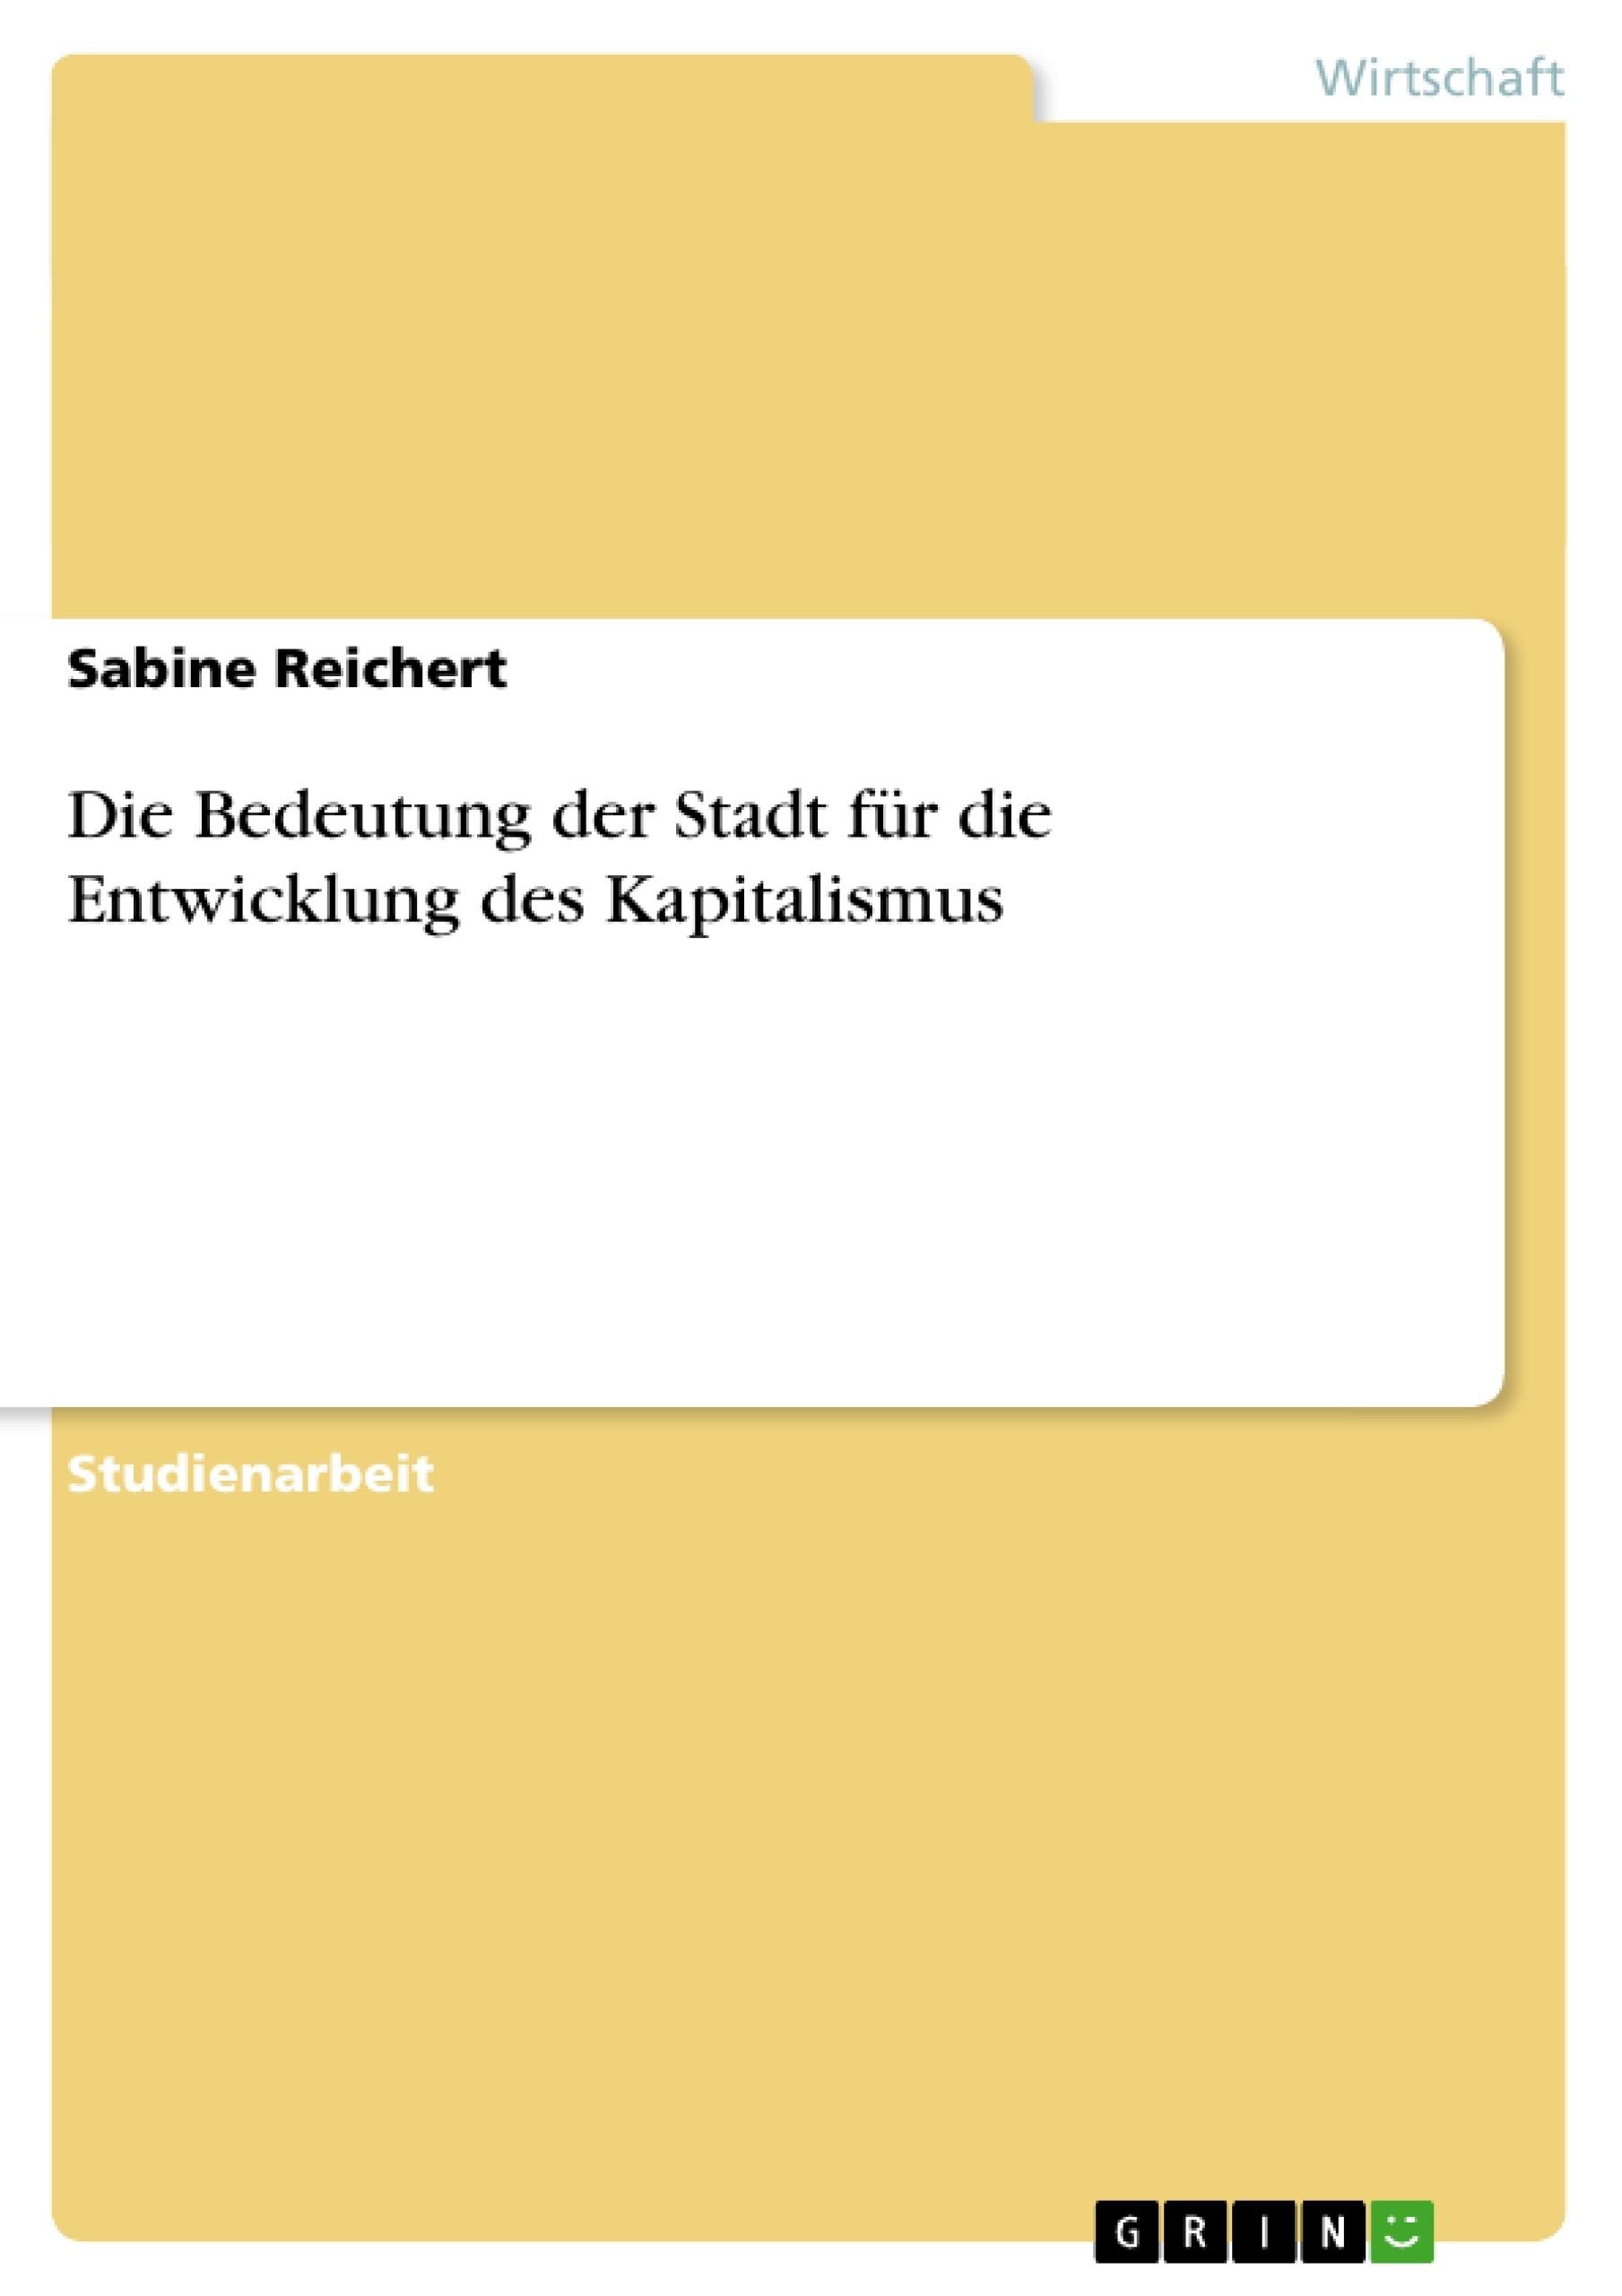 Titel: Die Bedeutung der Stadt für die Entwicklung des Kapitalismus